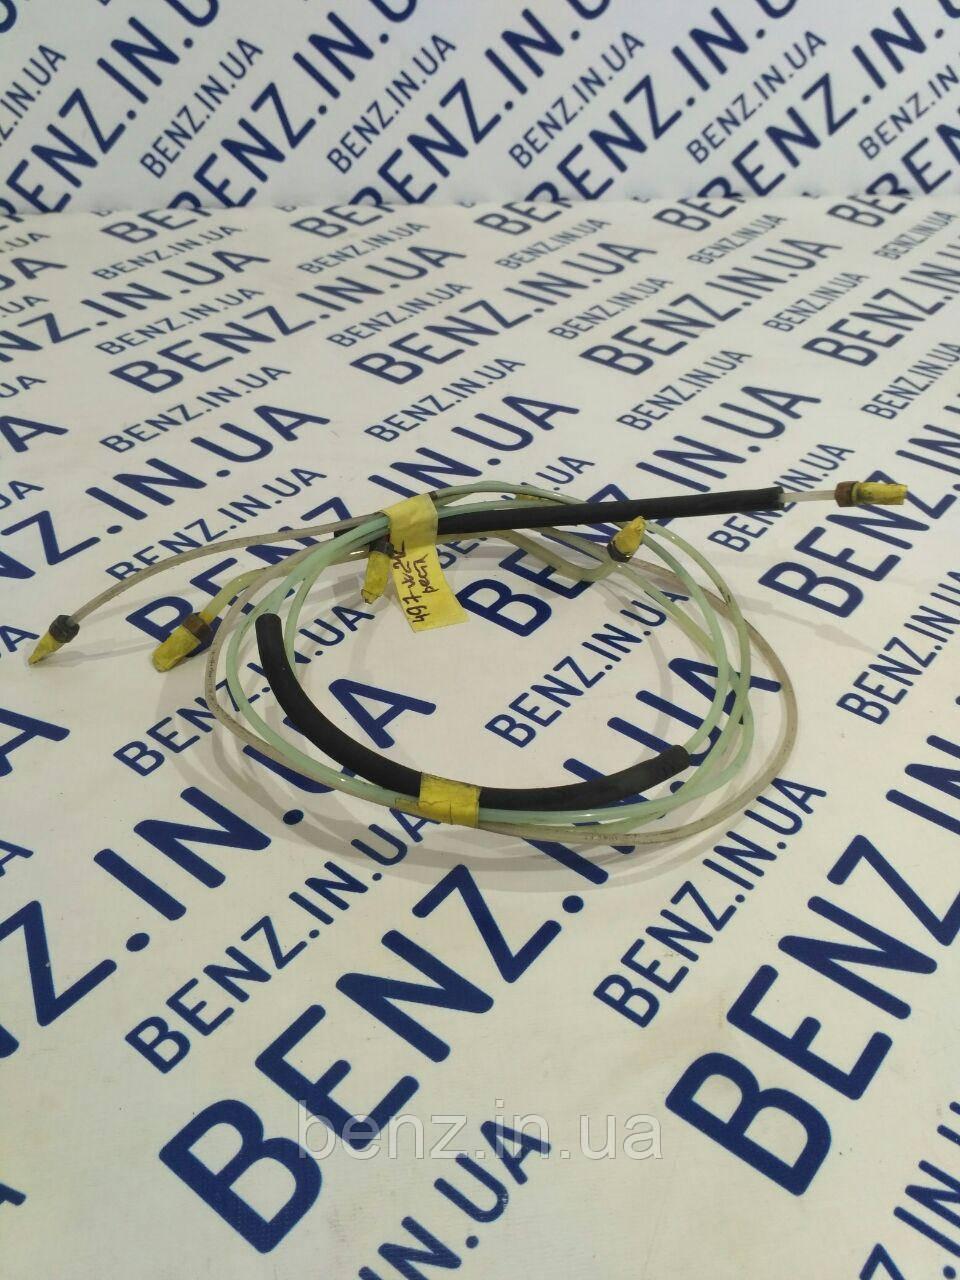 Трубки пневмопідвіски Mercedes S212 A2123271245, A2123270745